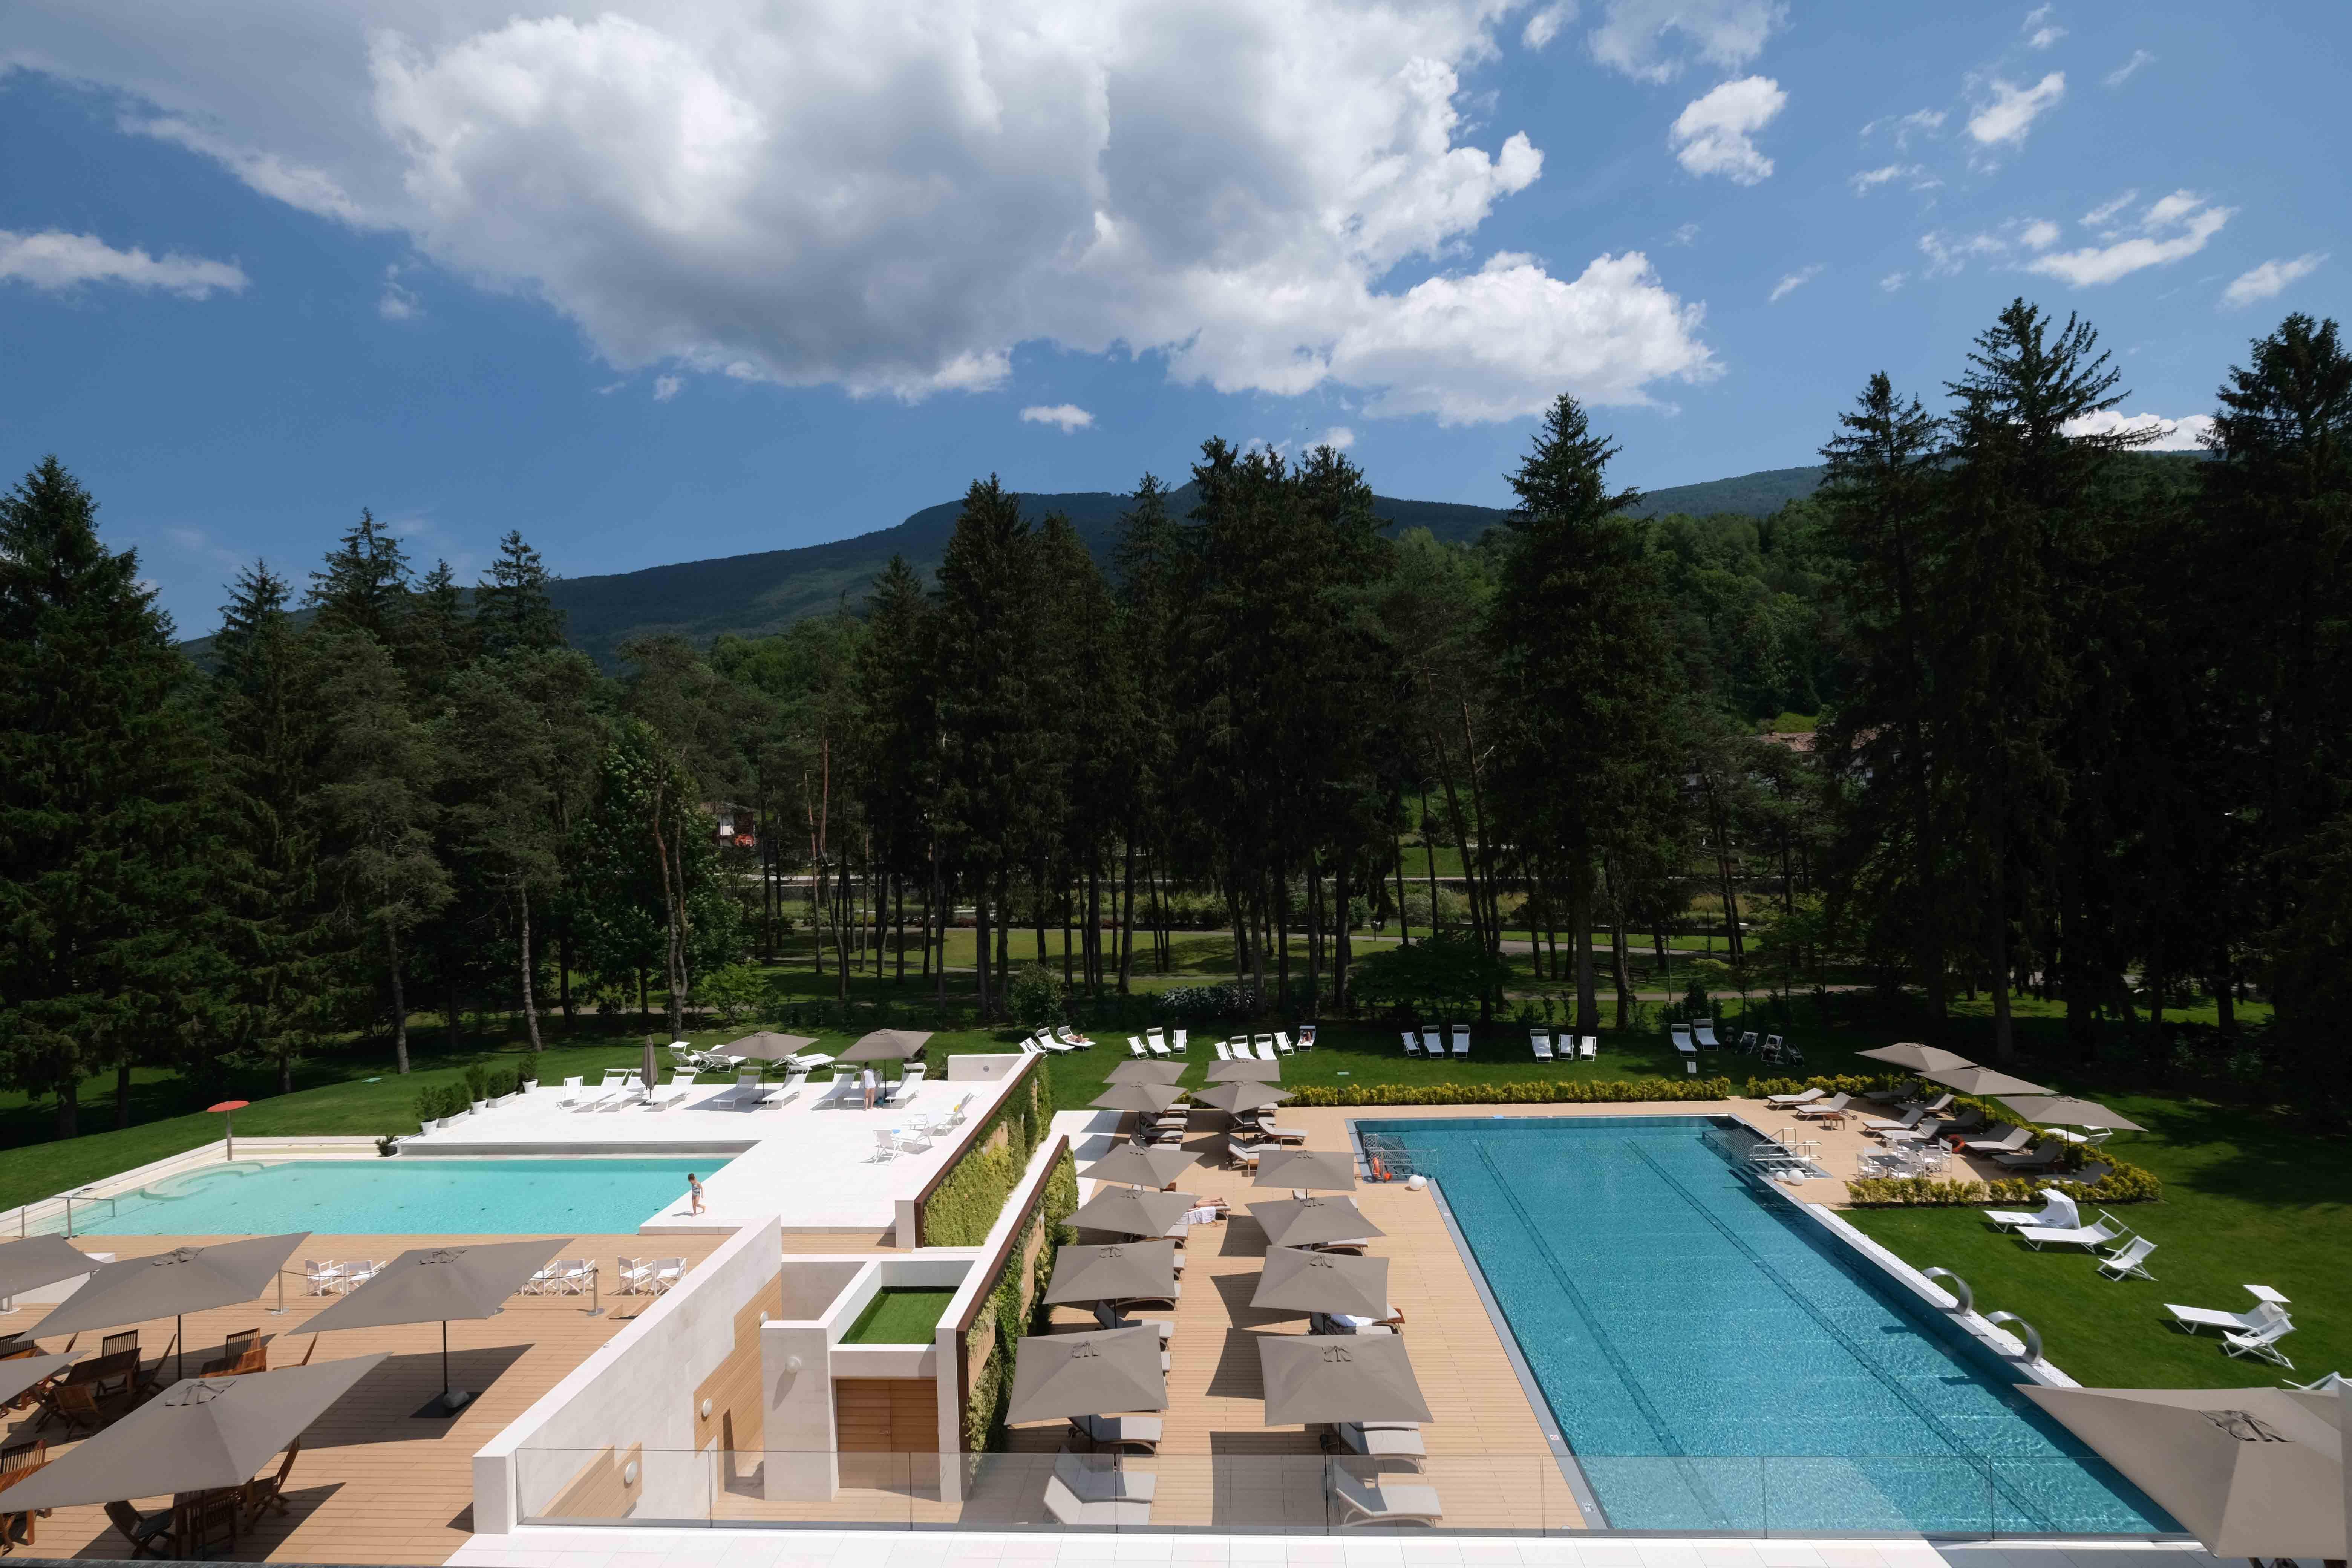 Grand Hotel Terme S Hotel A Comano Terme Trentino